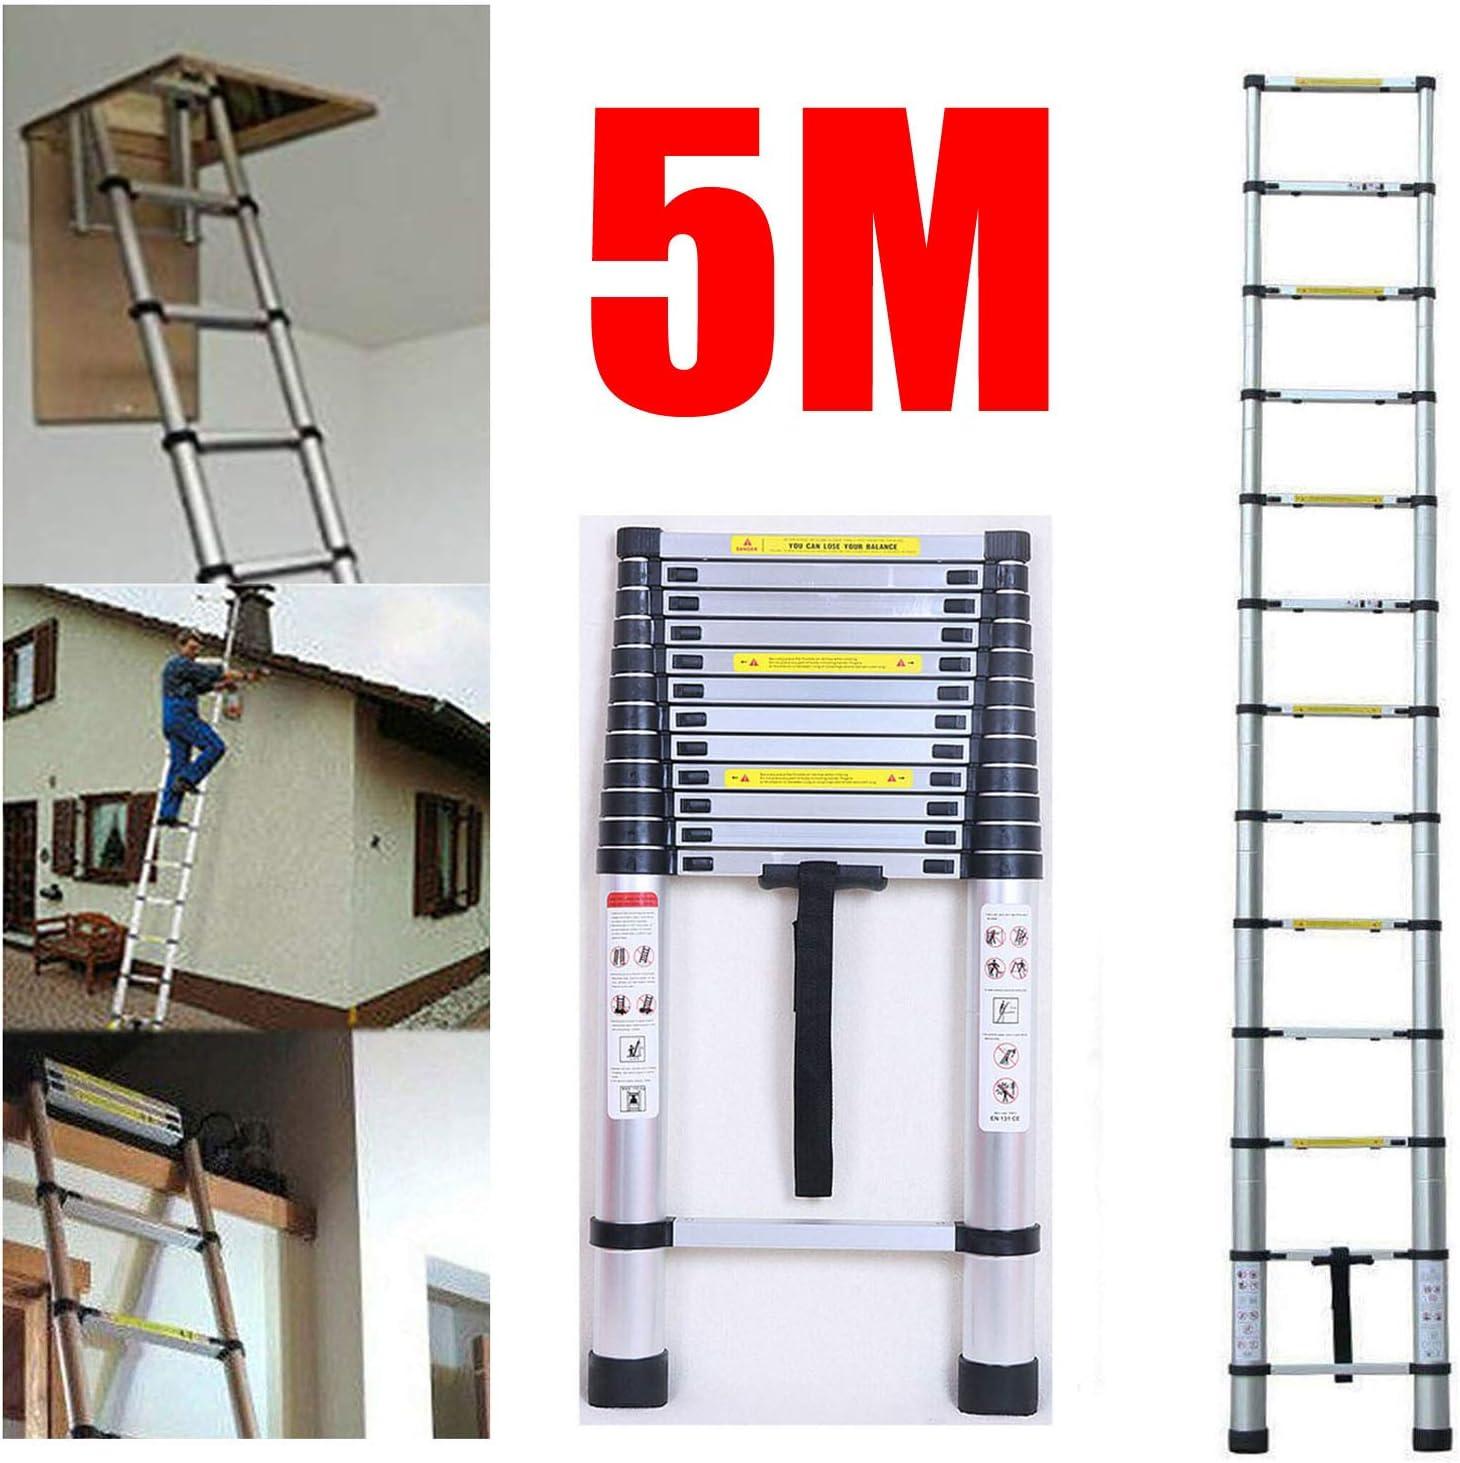 Escalera telescópica de aluminio de 5 m, escalera plegable multiusos, escalera compacta para interior y exterior, escalera de trabajo, escalera de seguridad, carga máxima de 150 kg: Amazon.es: Bricolaje y herramientas